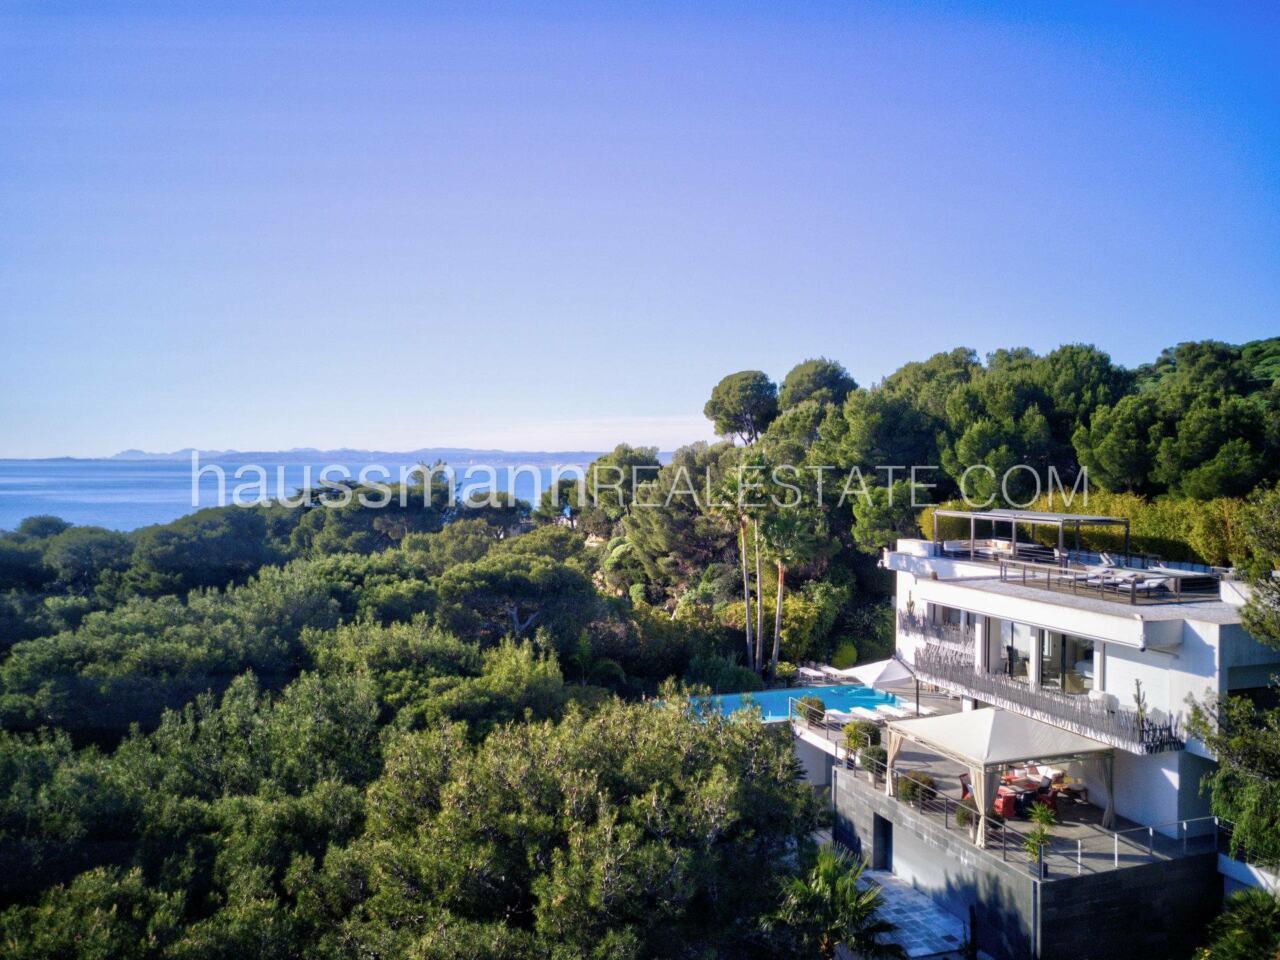 villa Design moderne sous les pins parasols image 0